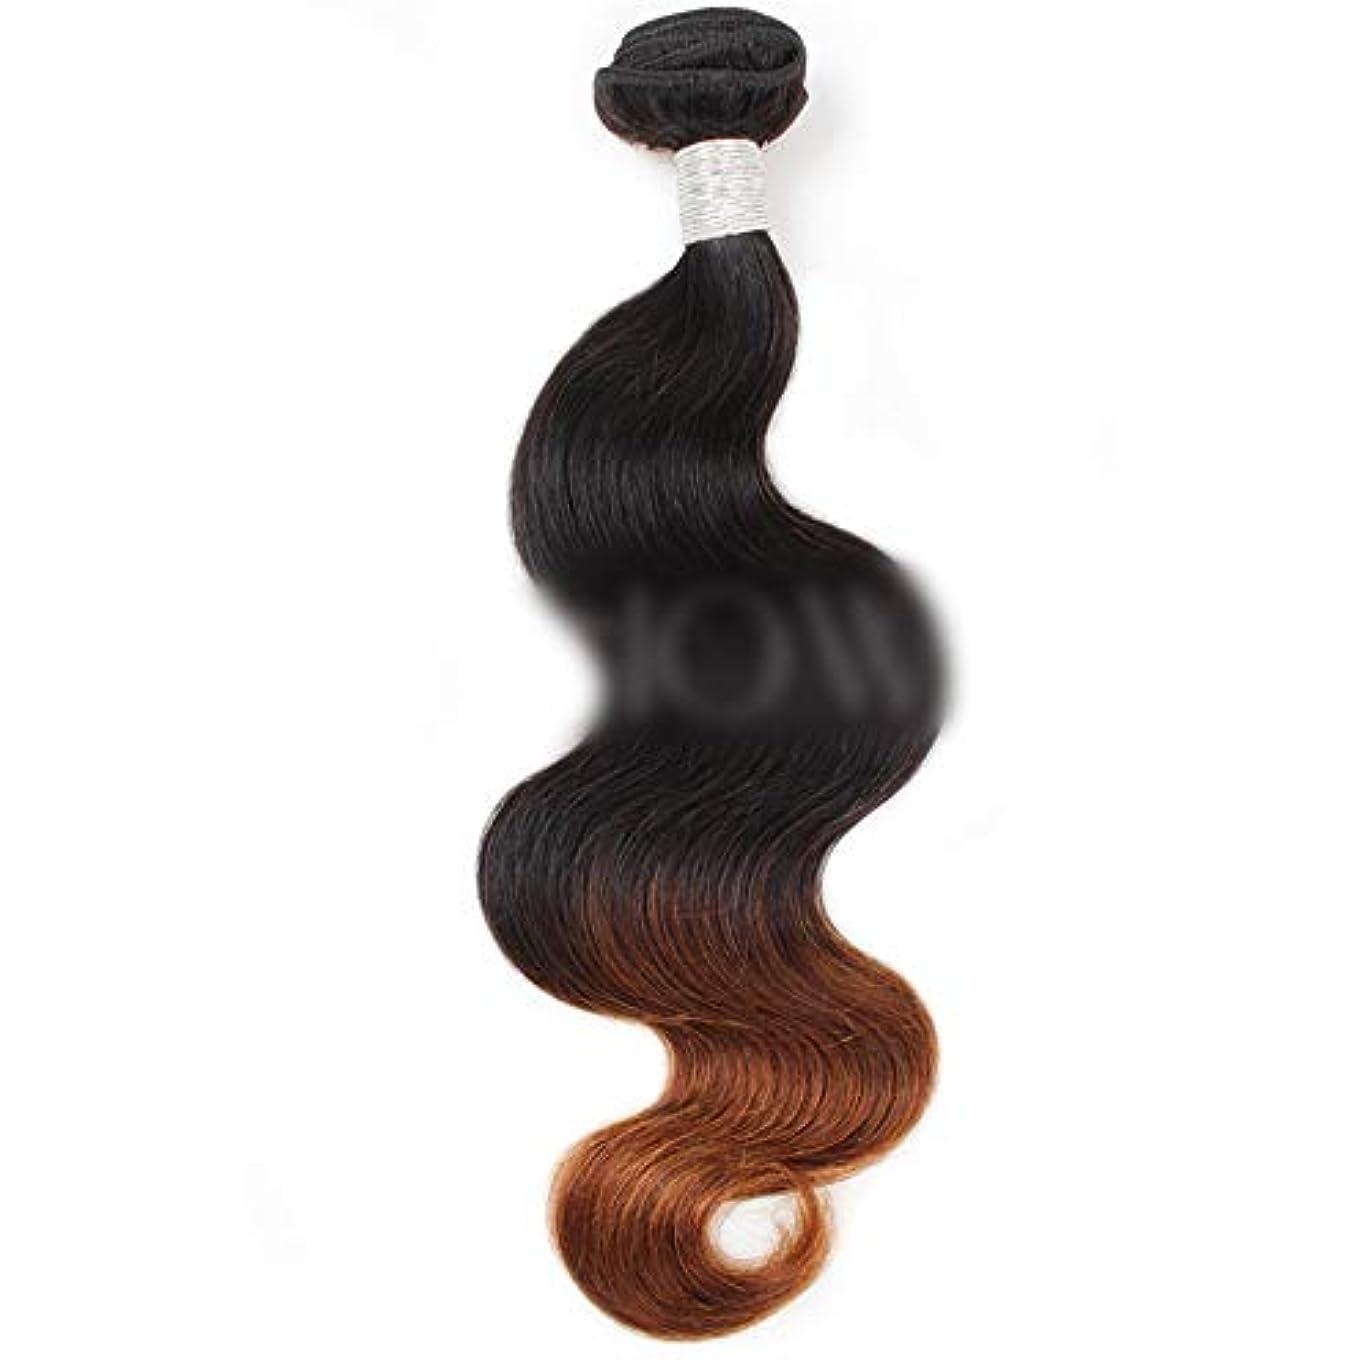 しっとり冬行政HOHYLLYA ブラジルの人間の髪の毛の束実体波バージンヘア織り方 - 1B / 4#2トーン色ロールプレイングかつら女性のかつら (色 : ブラウン, サイズ : 22 inch)